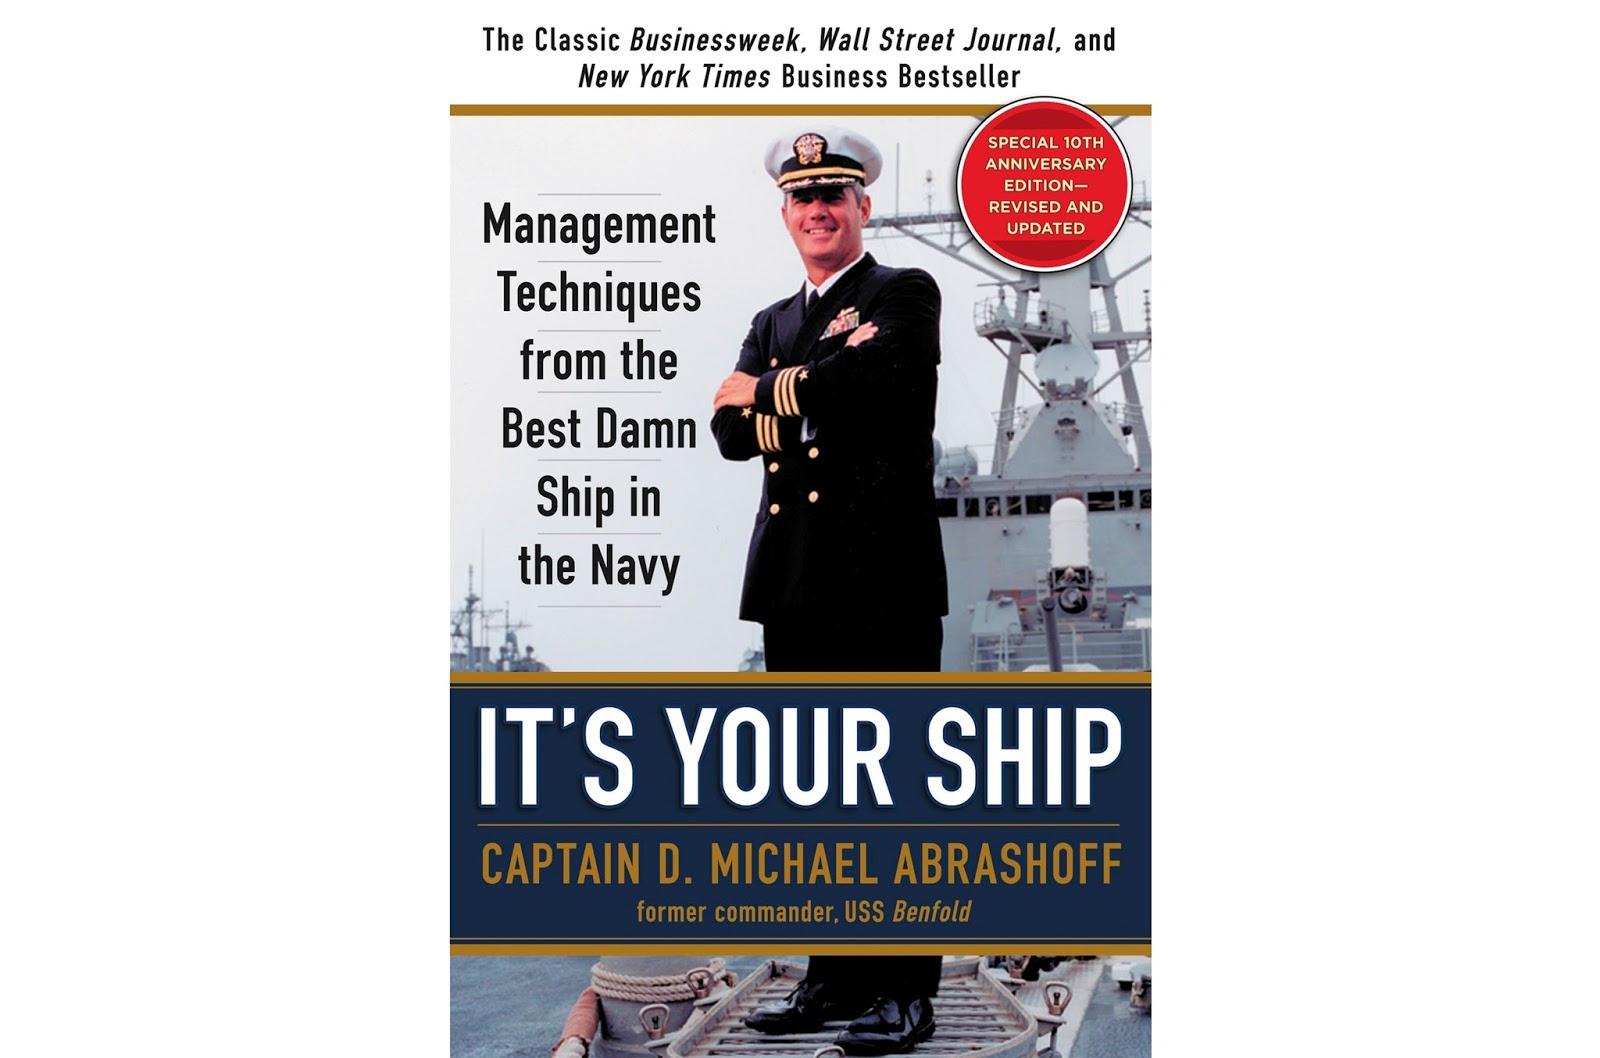 It's Your Ship Captain Abrashoff